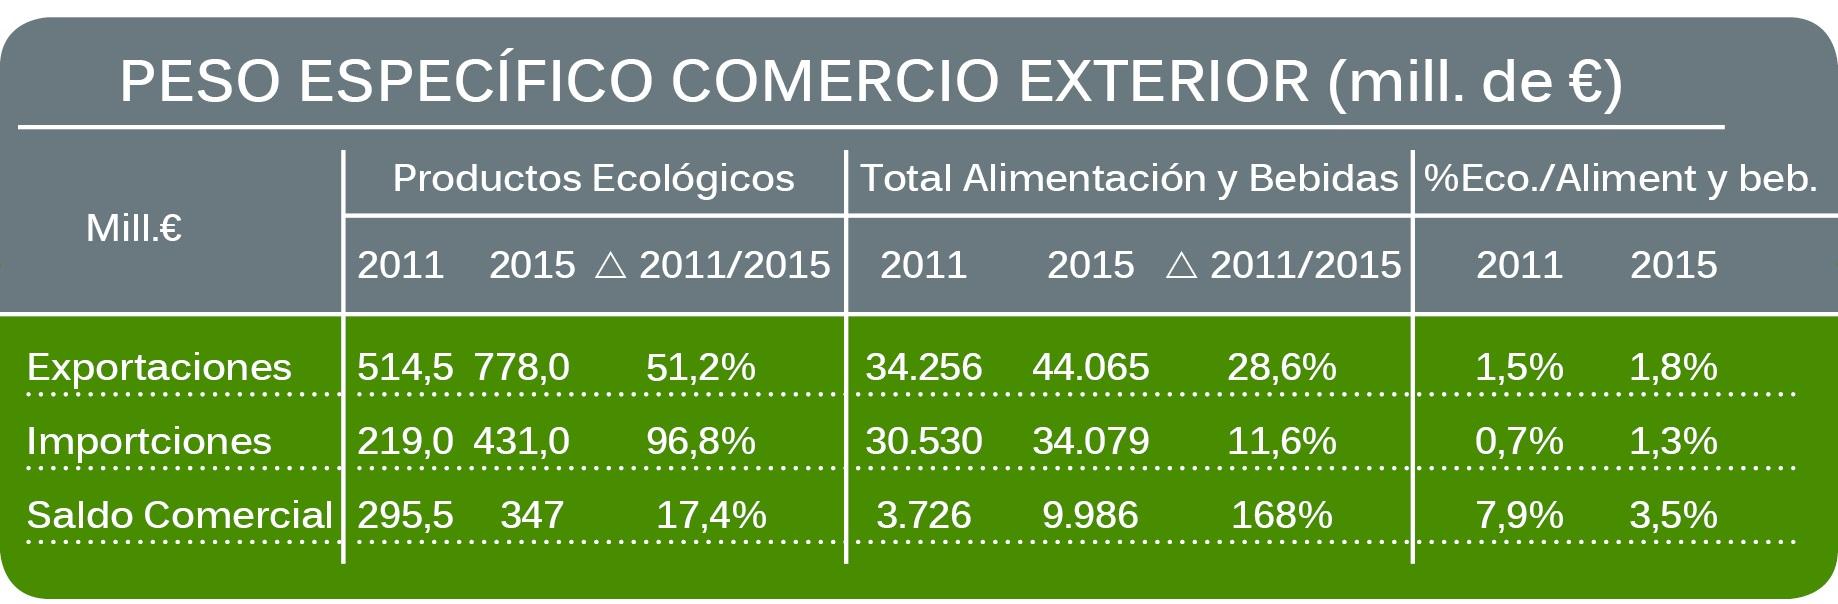 Exportaciones e Importaciones de productos ecologicos